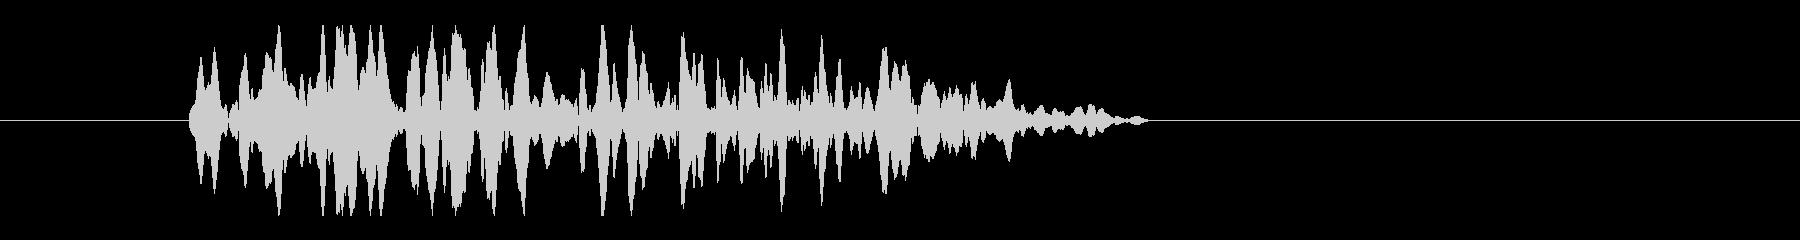 レーザー音-32-3の未再生の波形